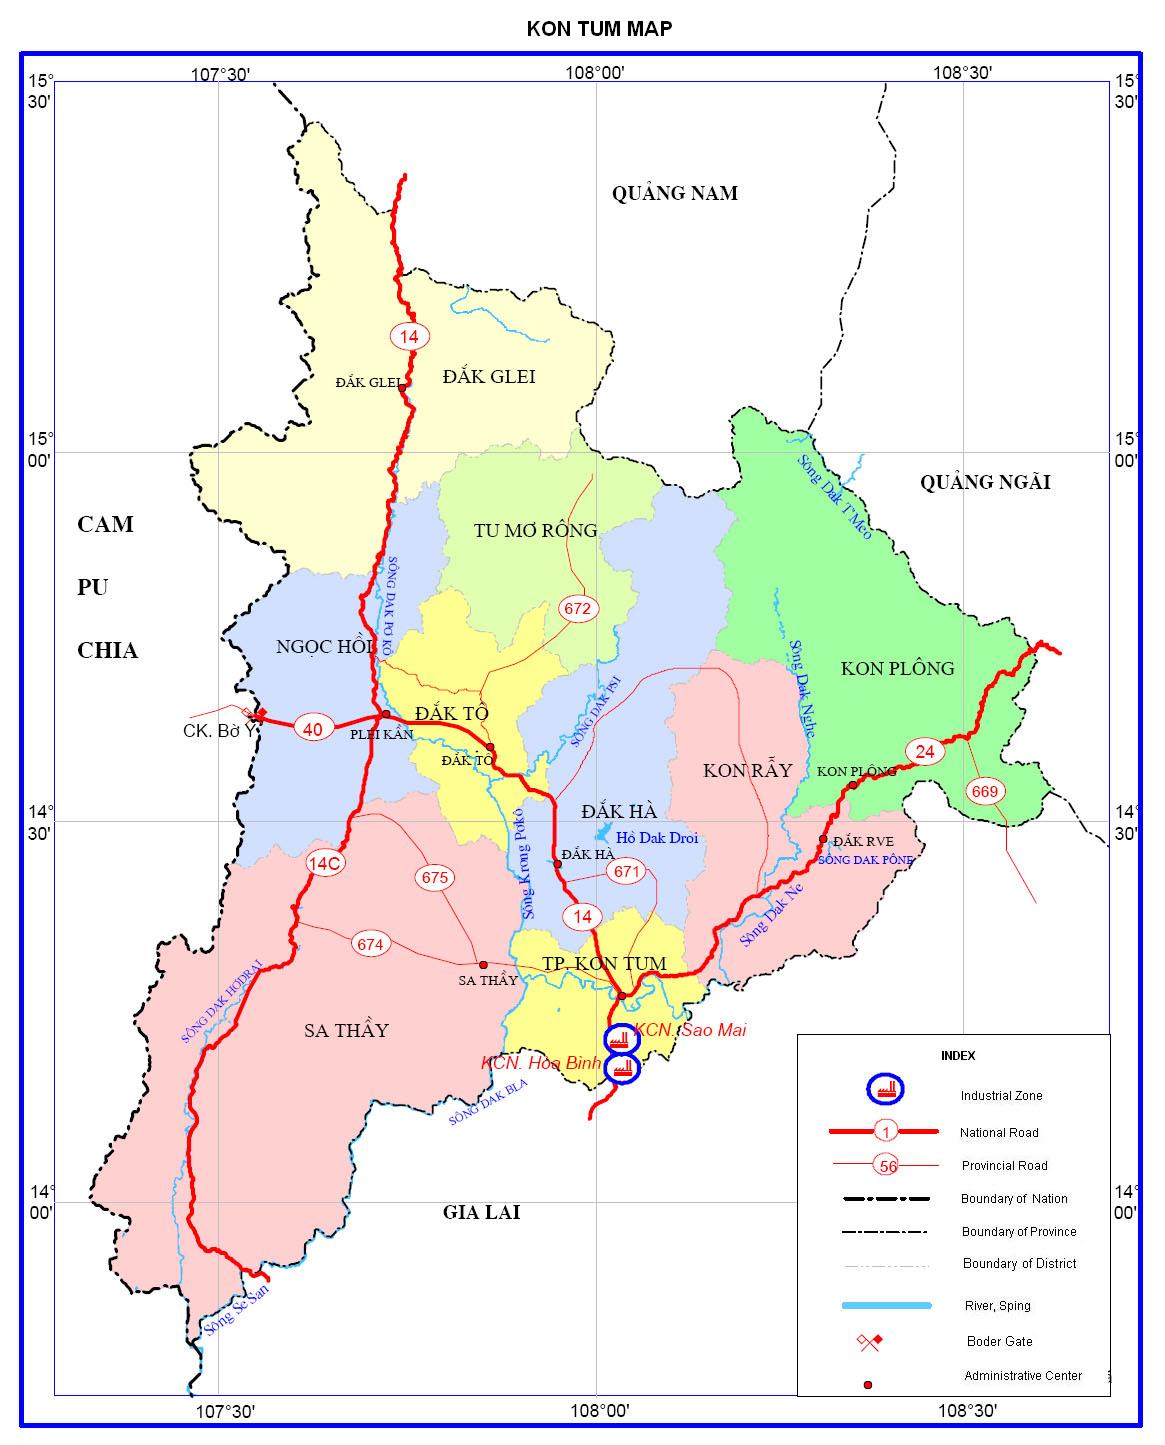 Bảng giá nhà đất Kon Tum từ năm 2015 đến 2020 11